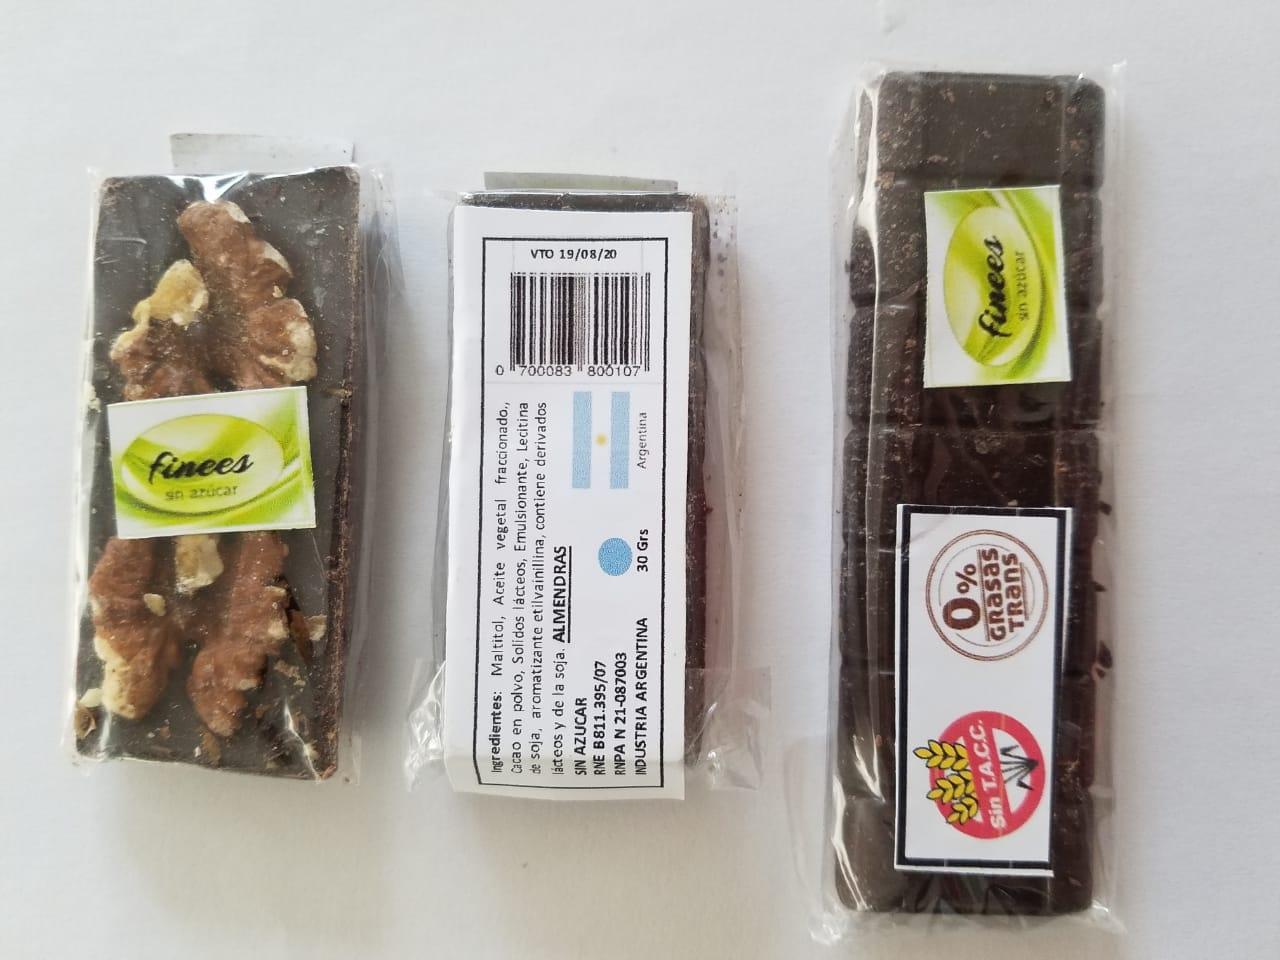 El Municipio prohíbe la venta de las barras de chocolate Finees